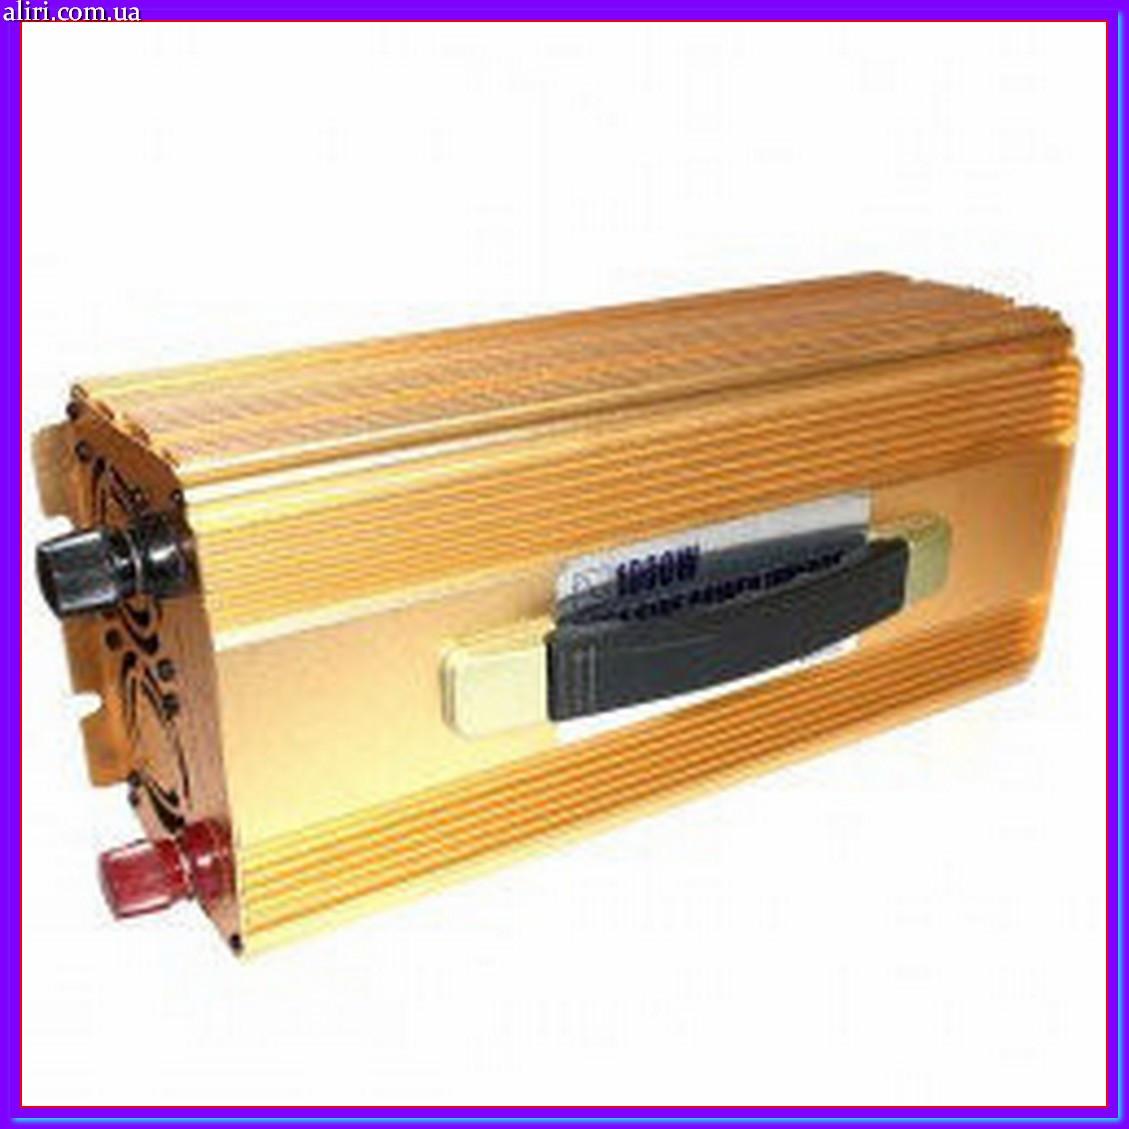 Преобразователь 1000W (чистая синусоида), преобразователь постоянного тока